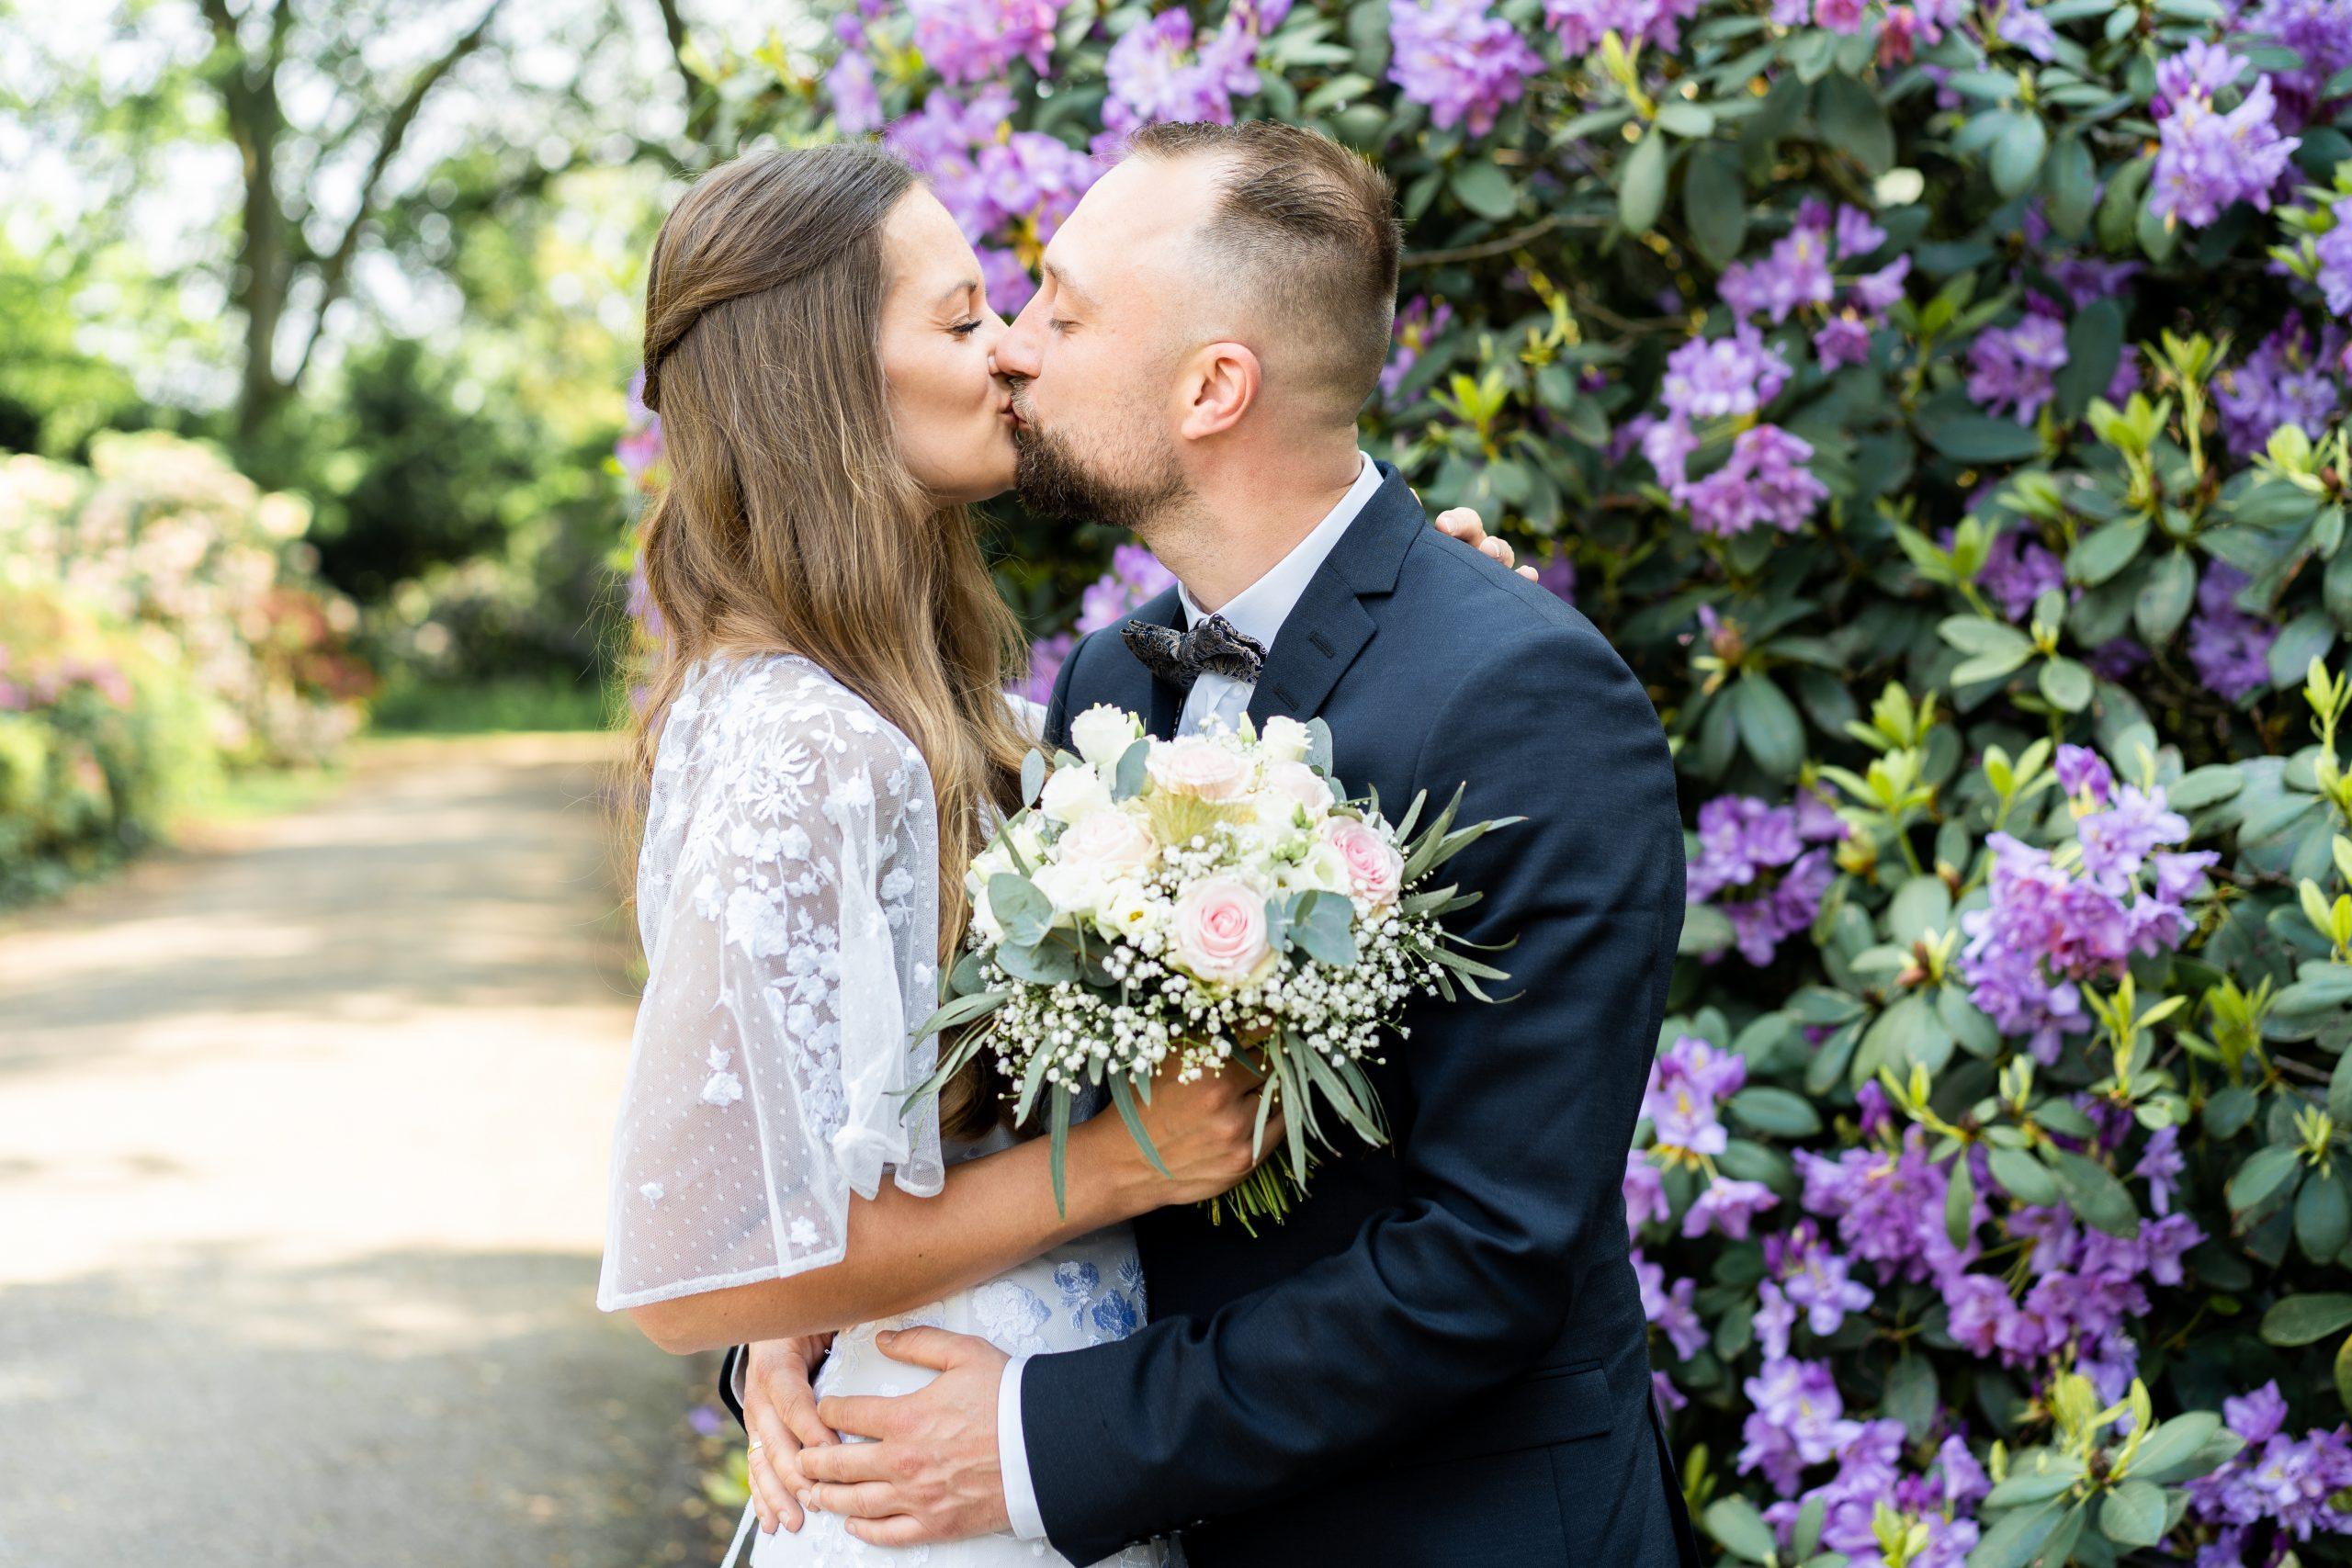 Kuss Hochzeit Liebe Hochzeitsfotografin Brmen Rhododendronpark Hochzeitstag